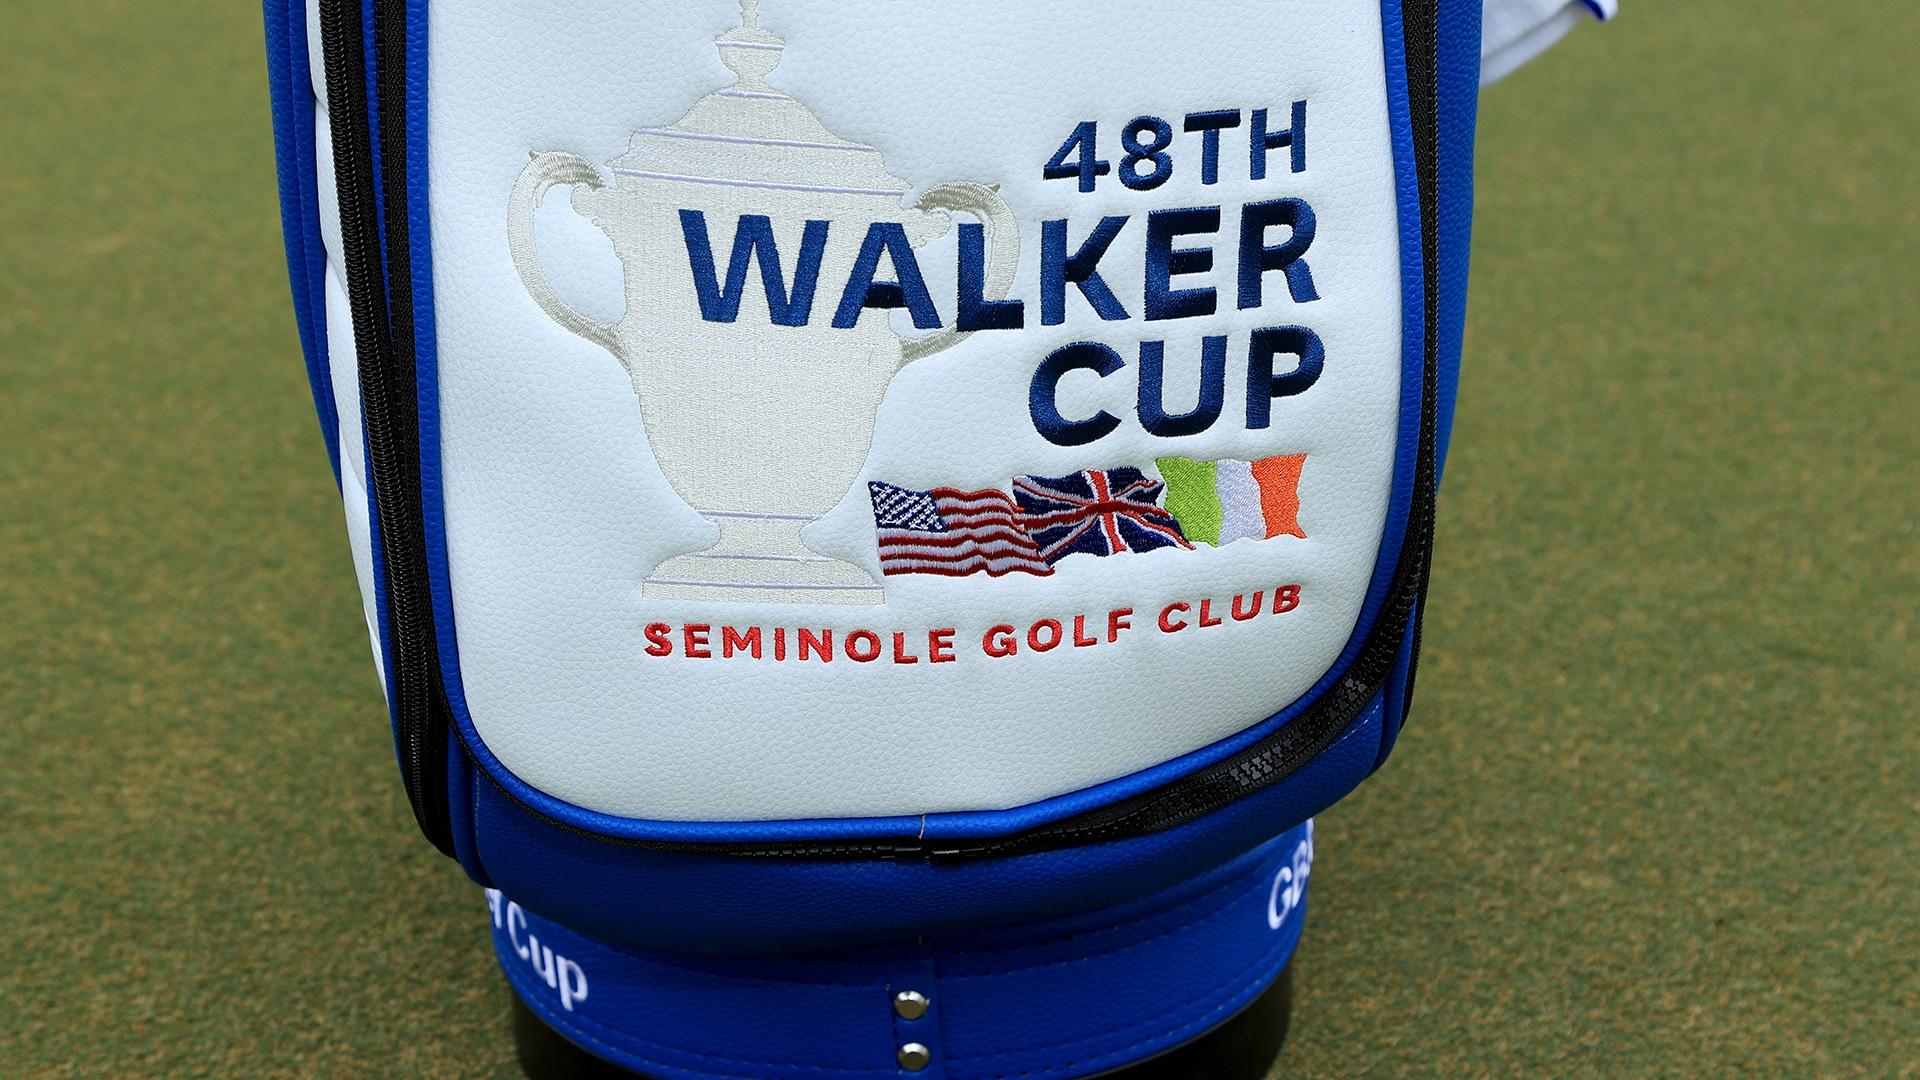 walker cup - photo #9